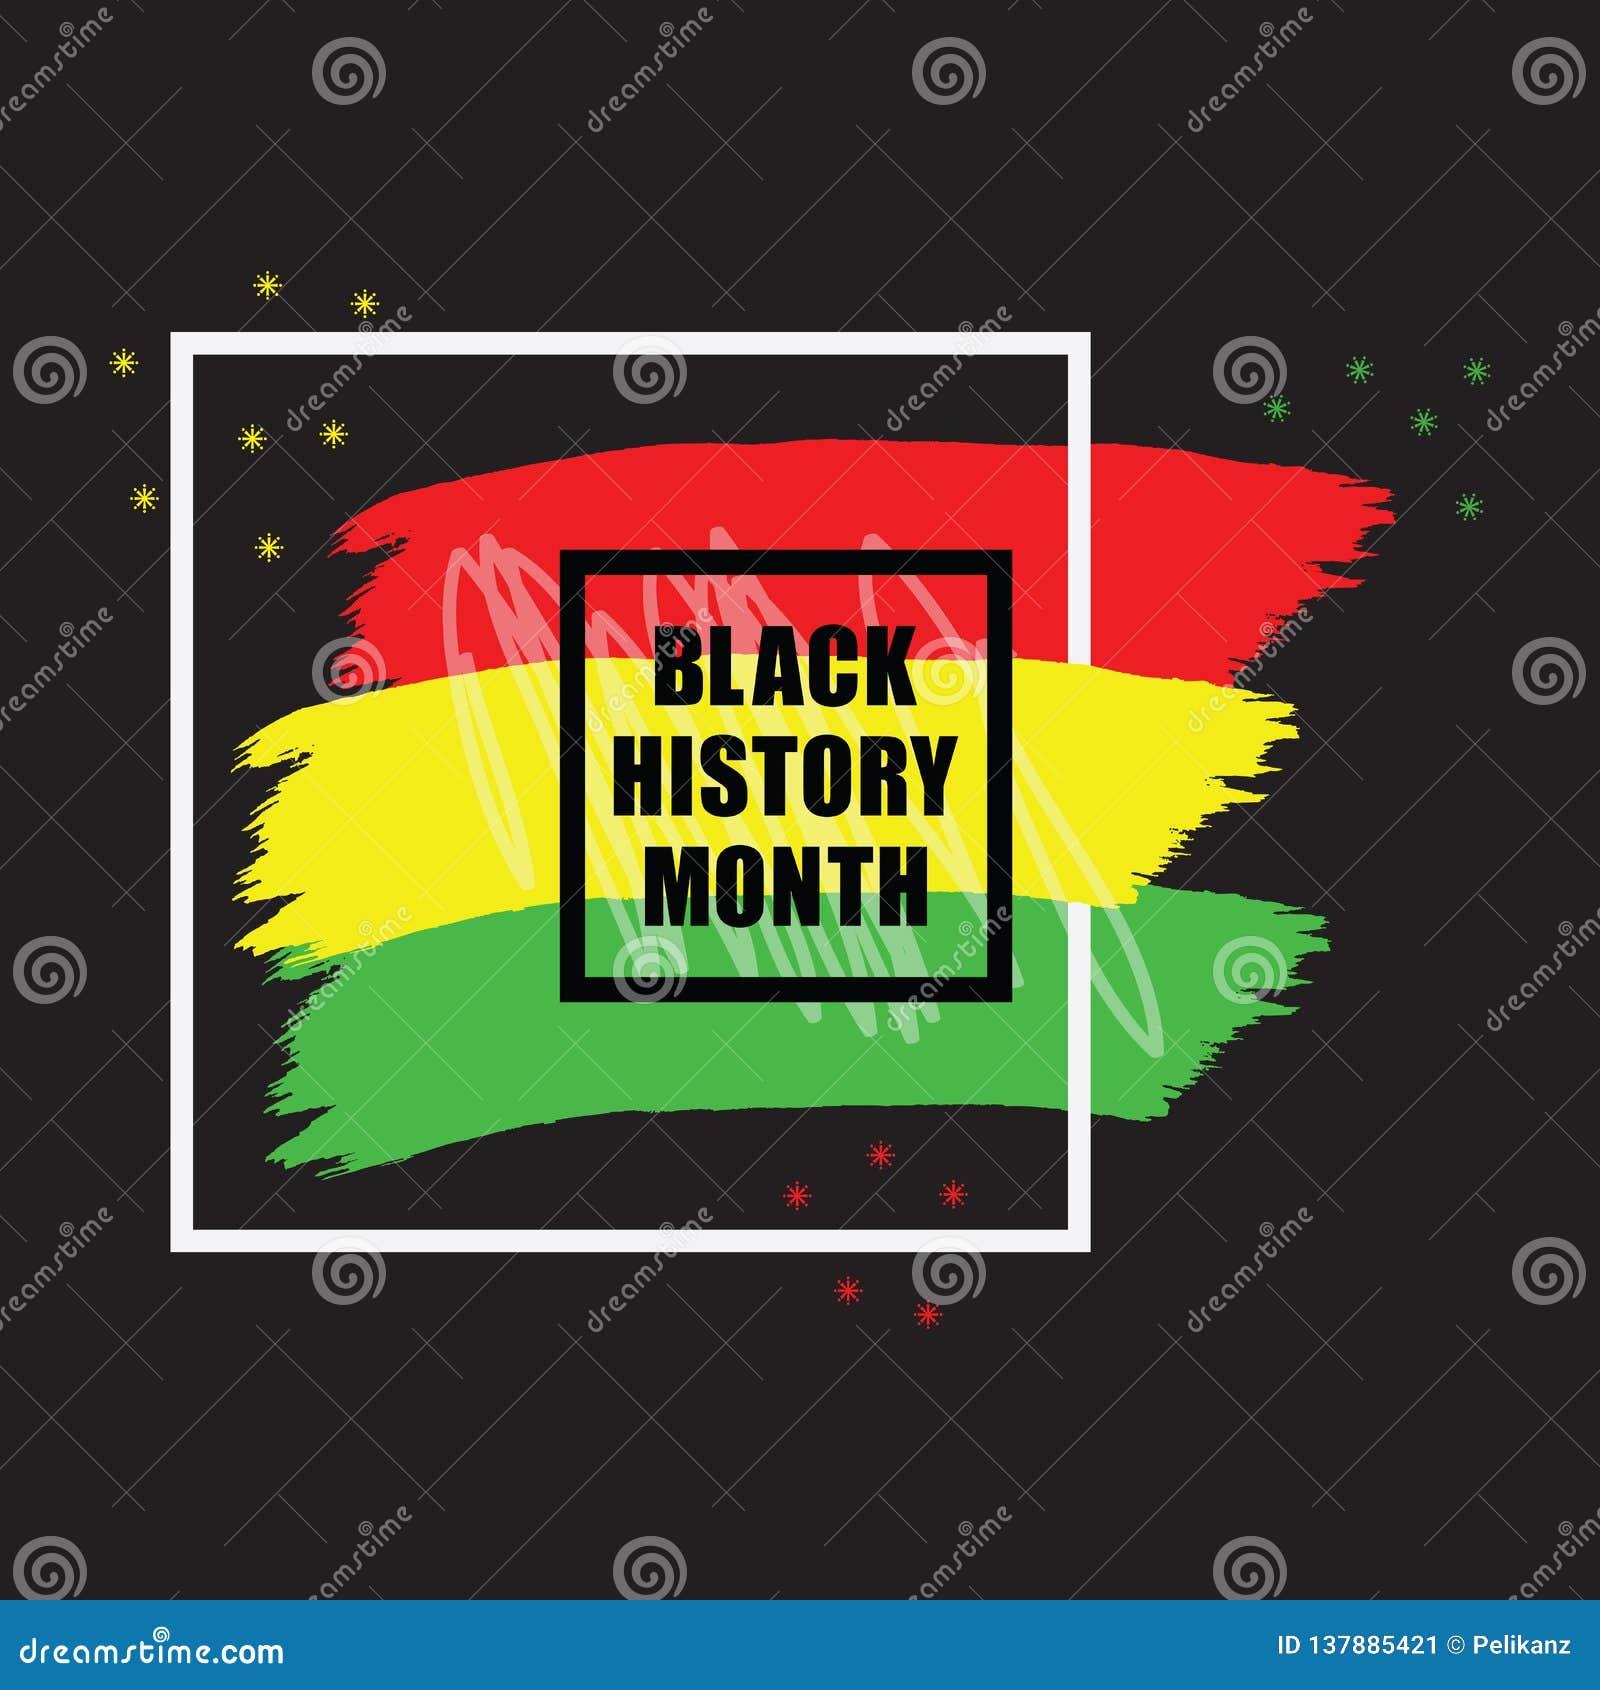 Black History Month Colorful Emblem Banner Design Element On Black Stock Vector